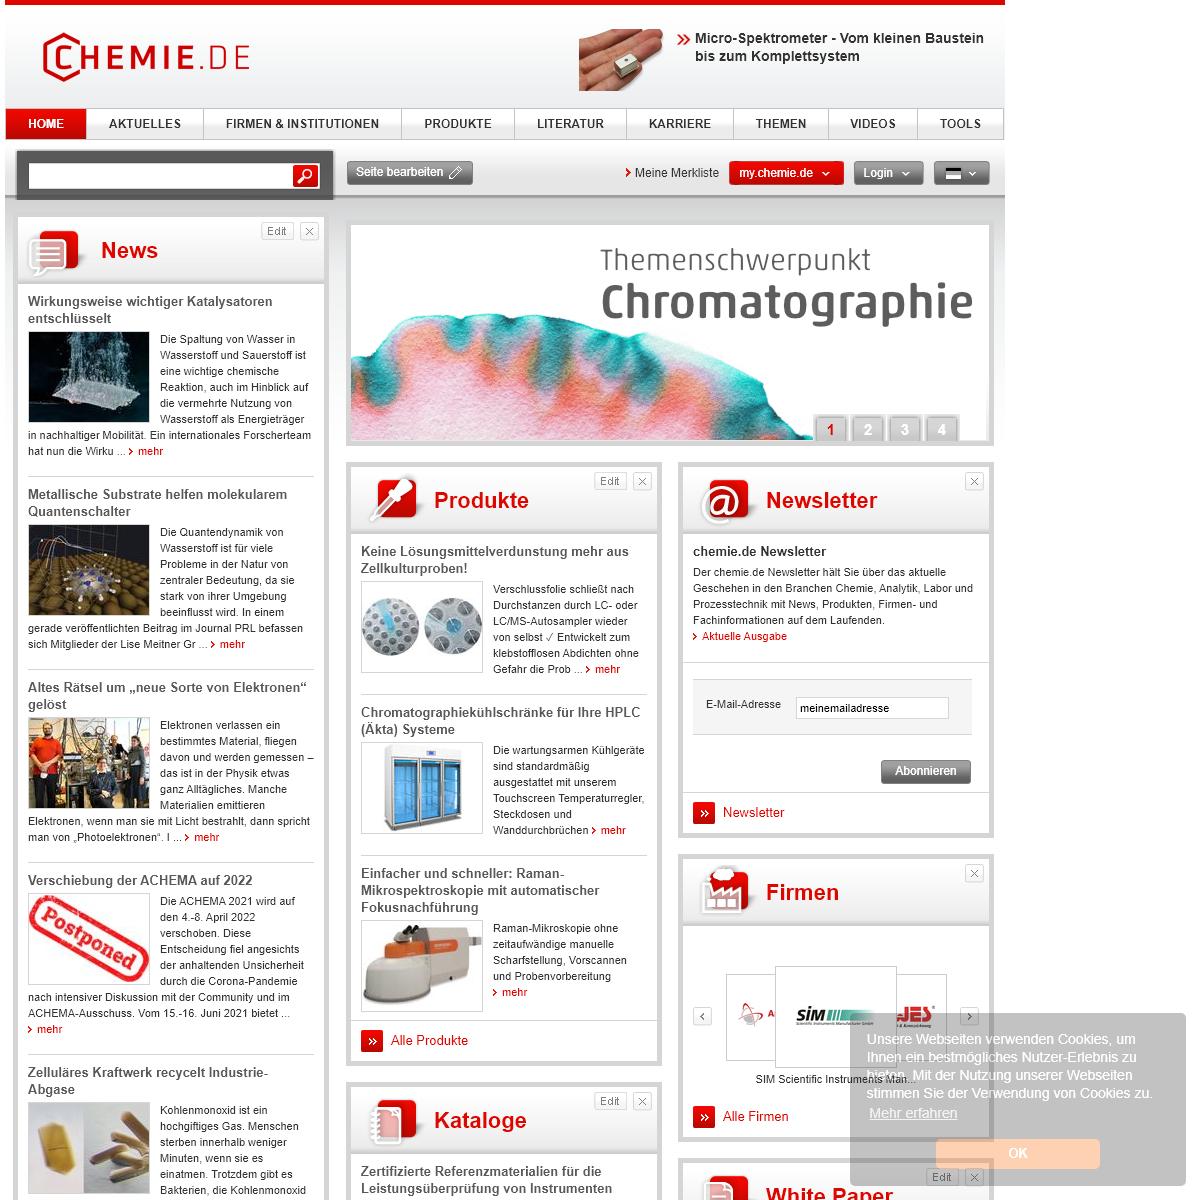 chemie.de - Das Chemie Fachportal vom Labor bis zum Prozess